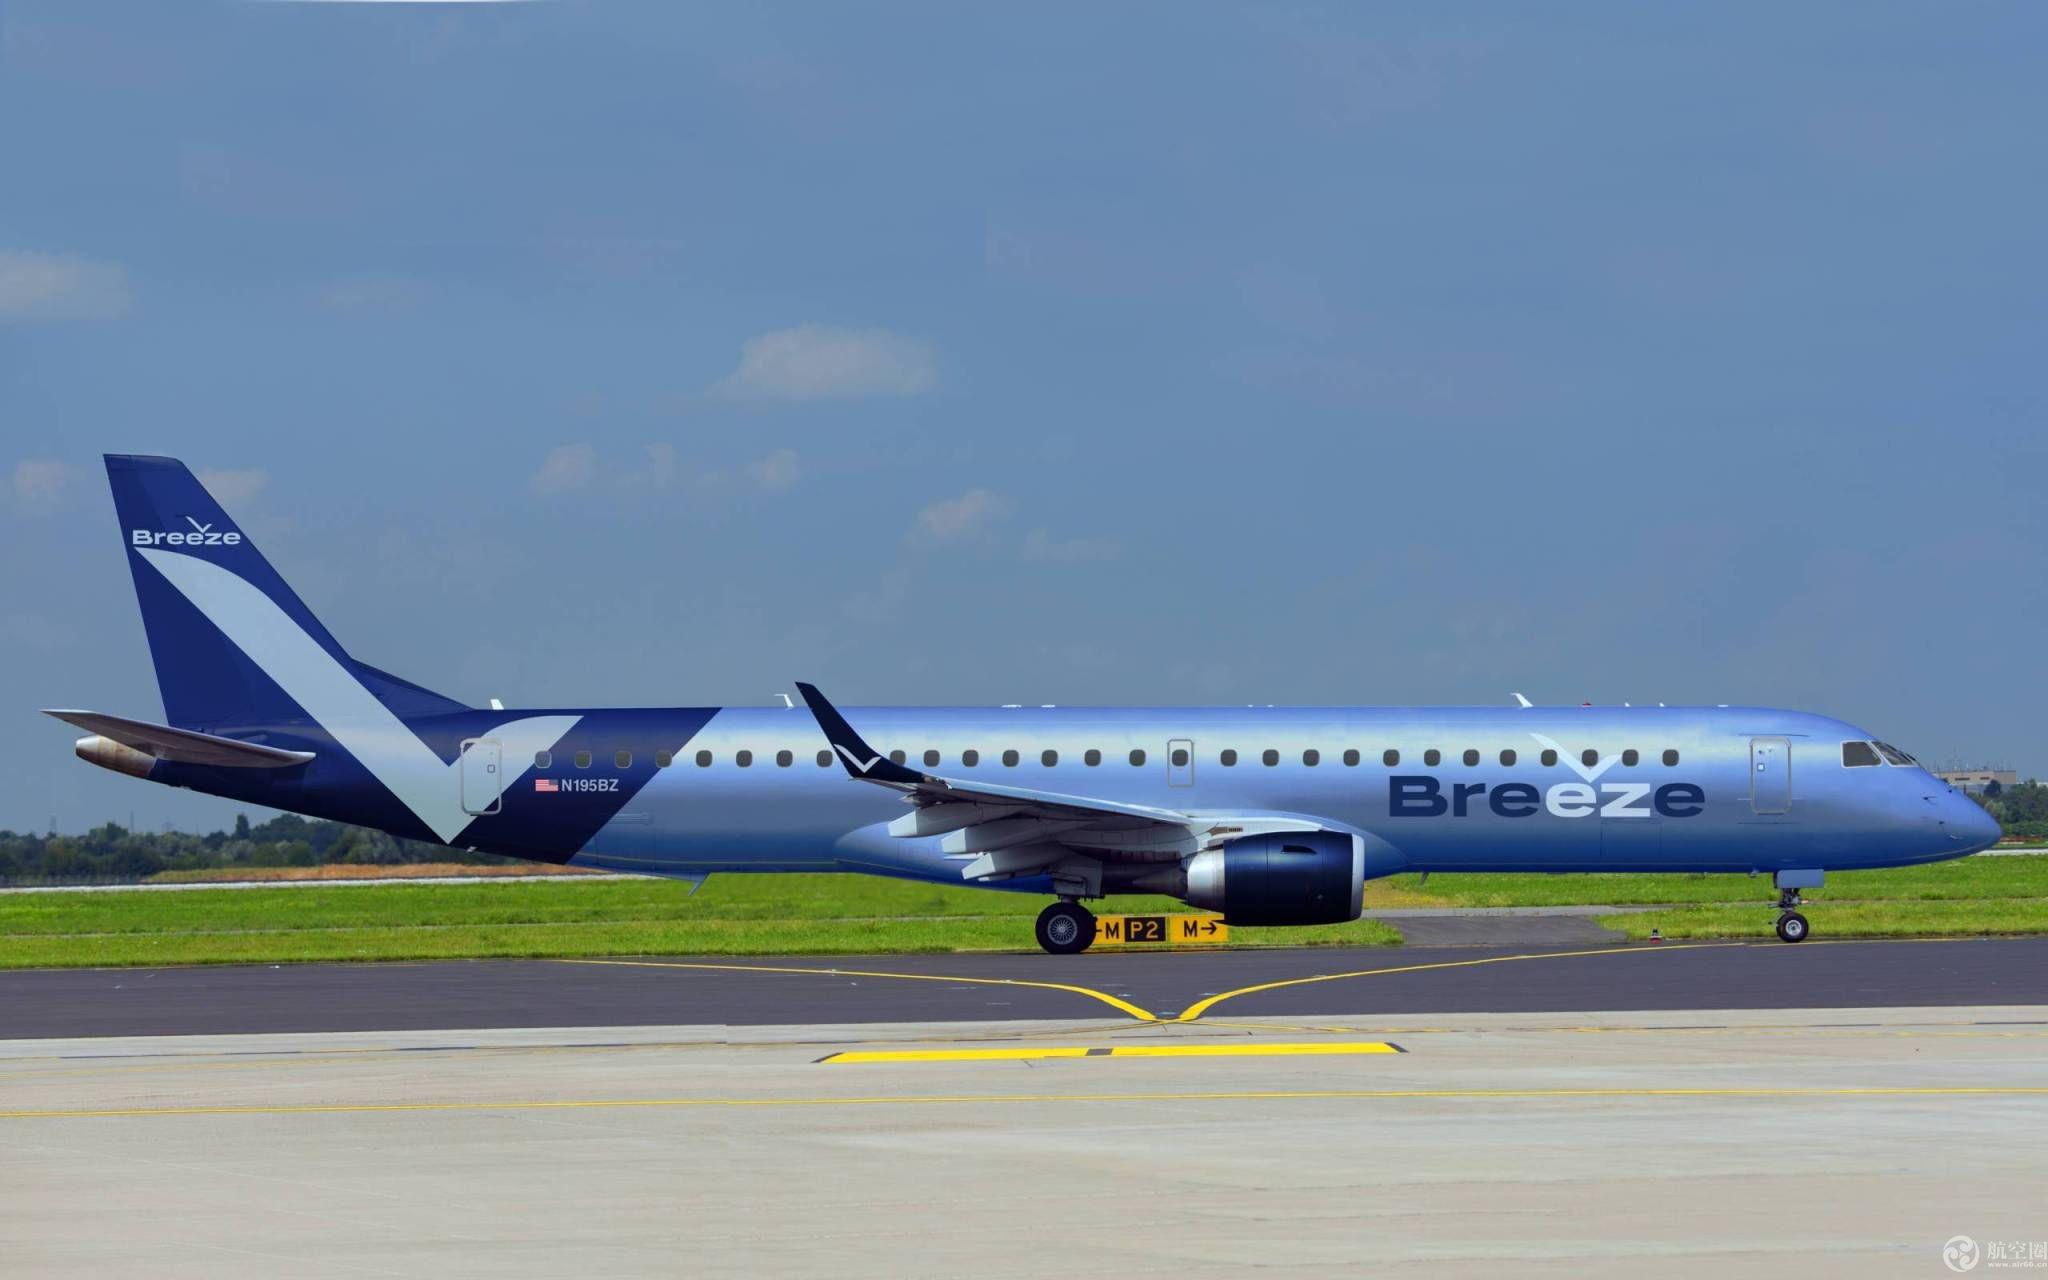 捷蓝航空创始人正创办微风航空 预计2020年底首航